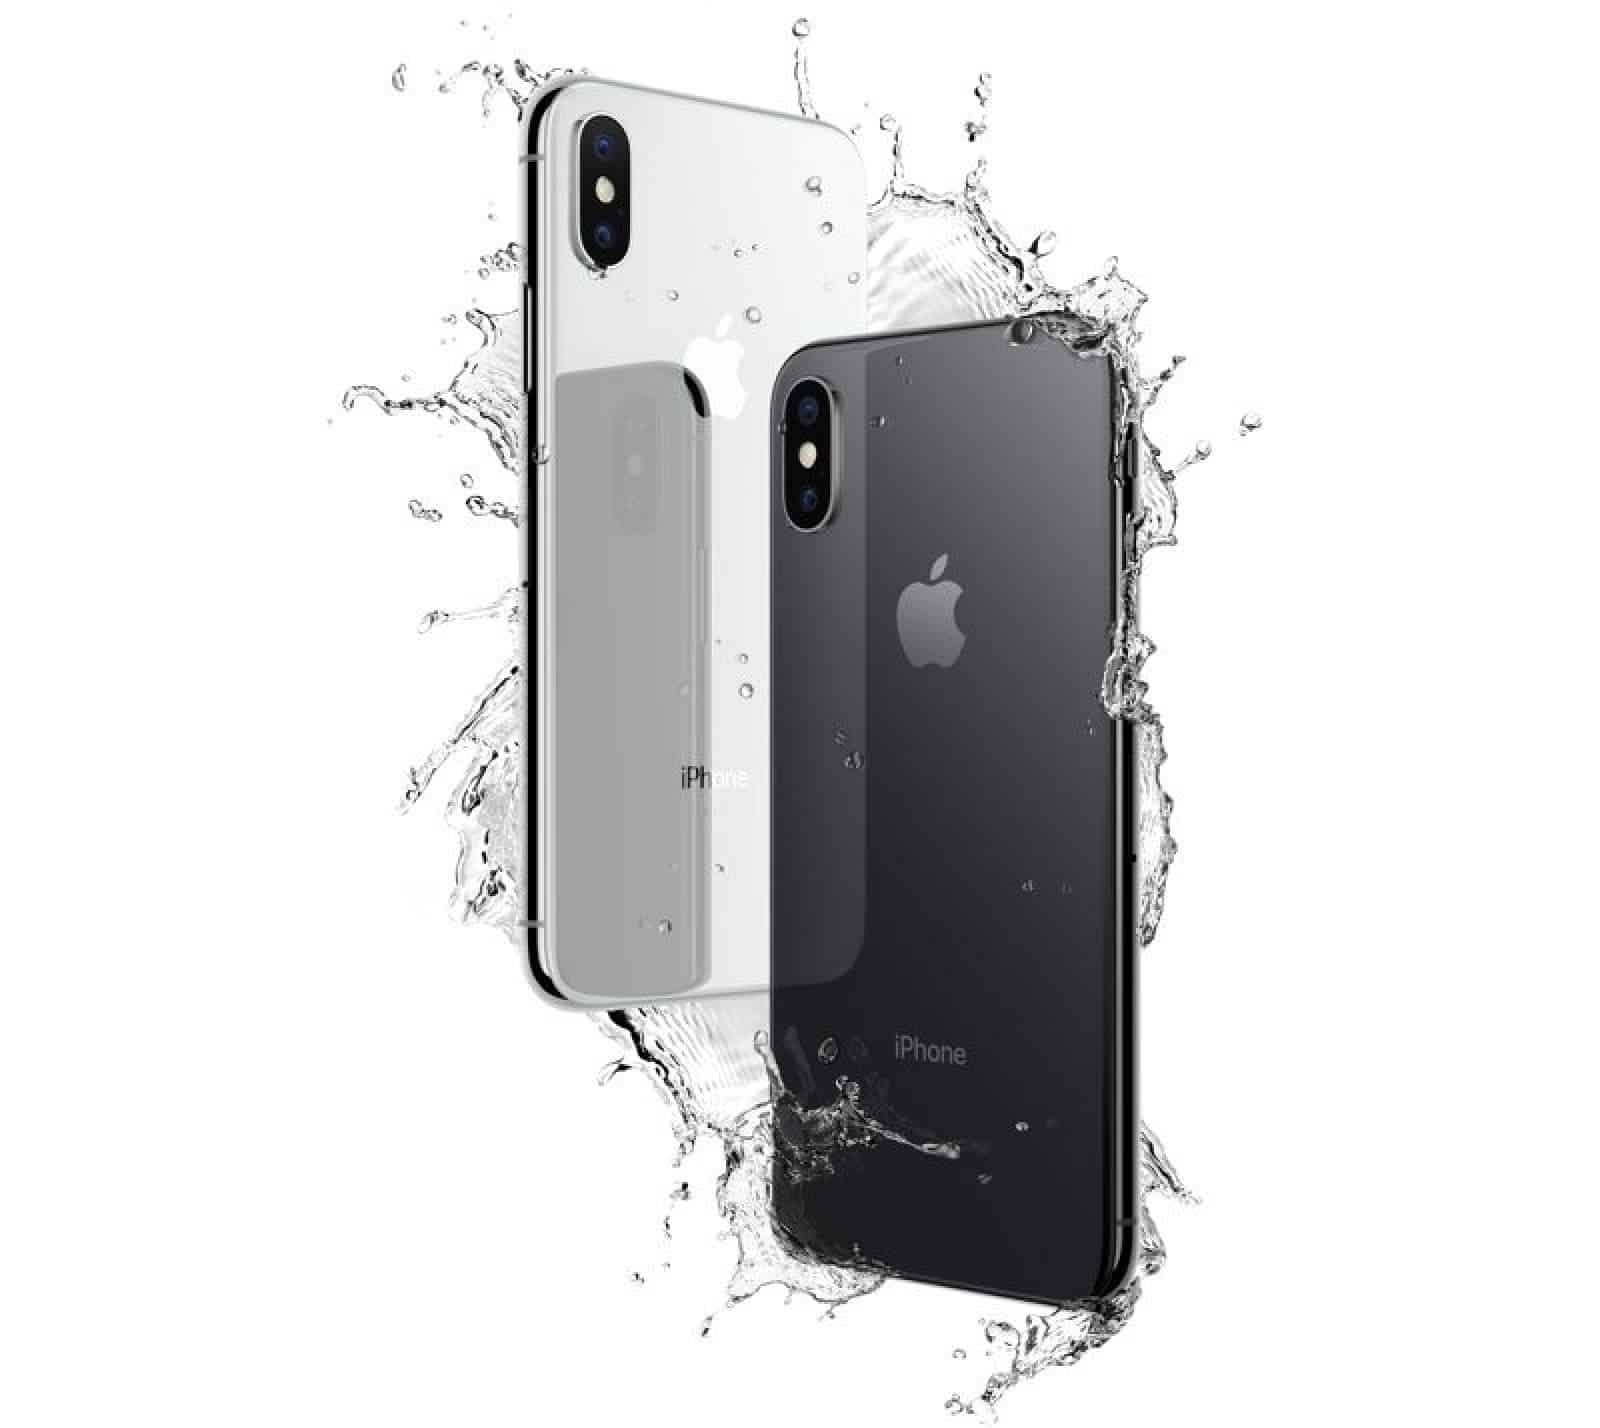 حل مشكلة الايفون معلق على التفاحة ويعيد التشغيل موسوعة